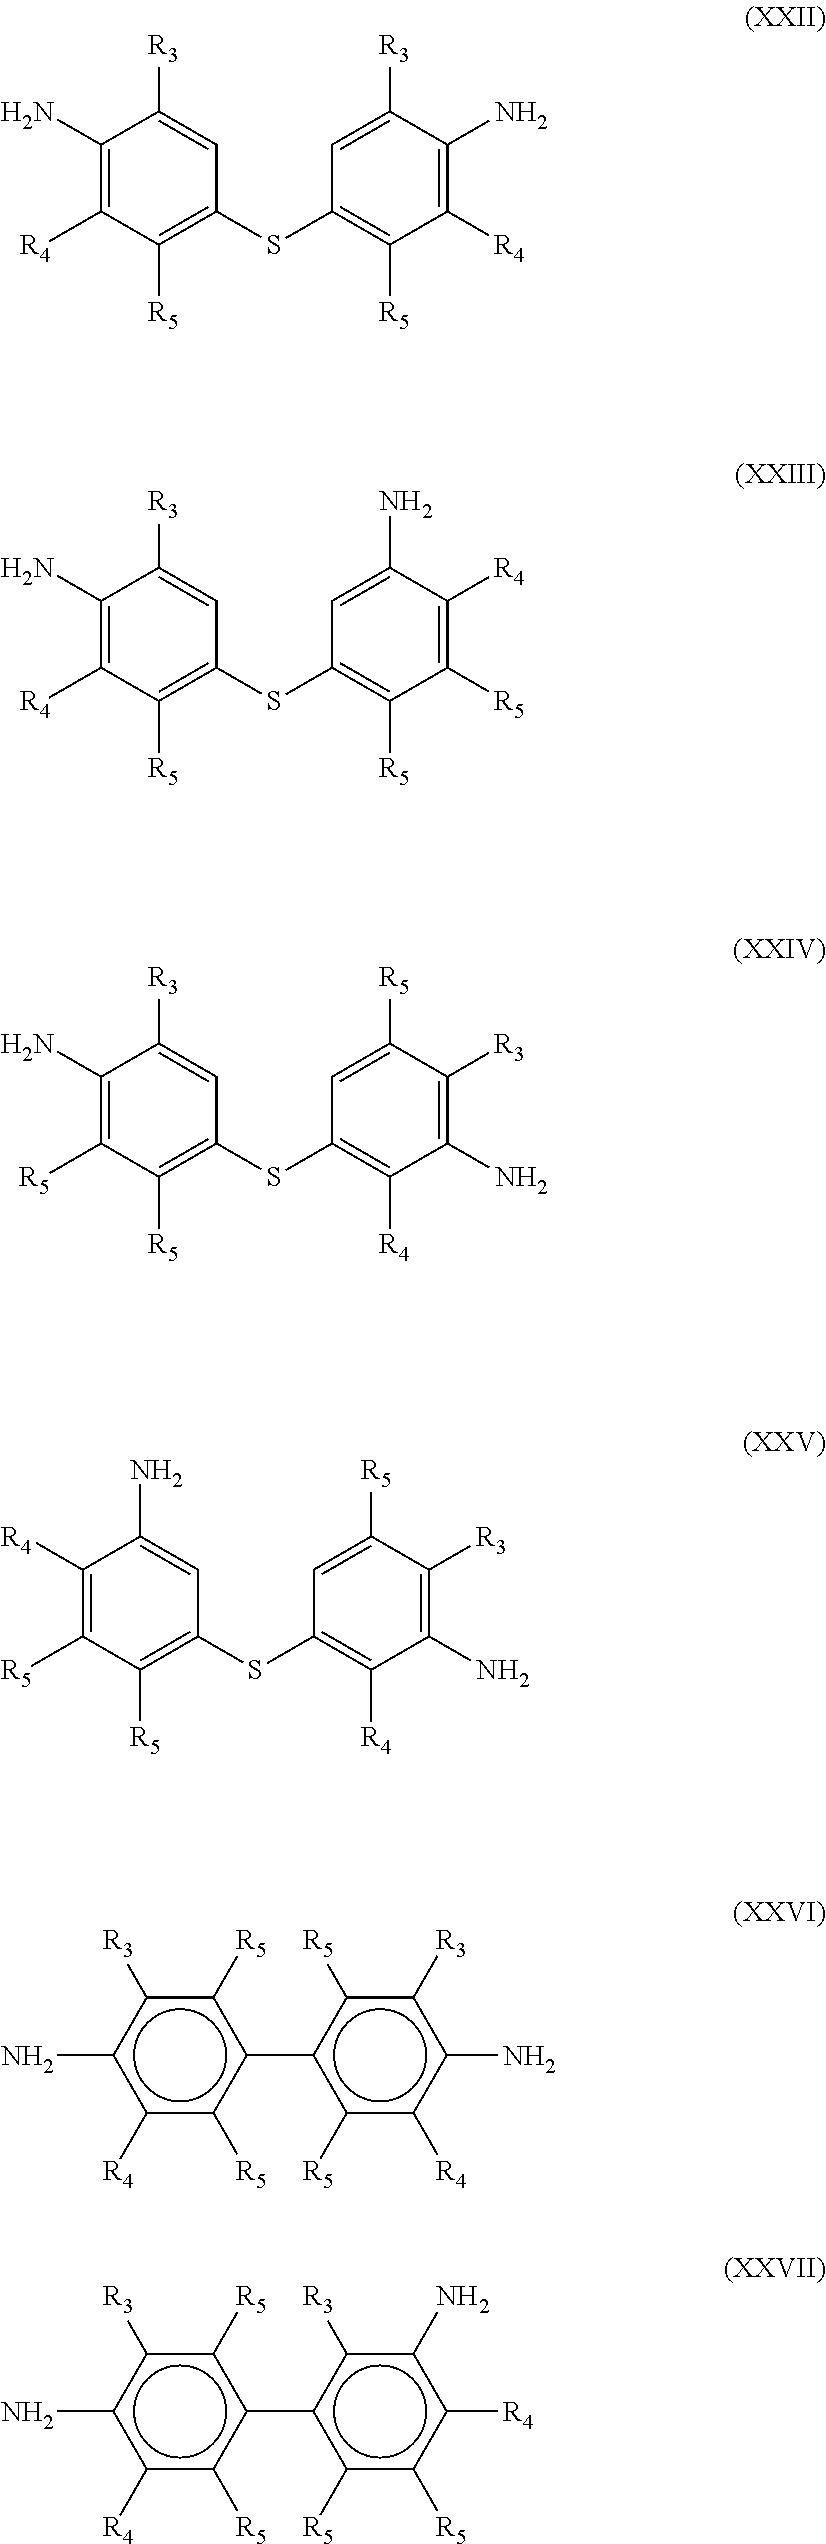 Figure US09951173-20180424-C00012